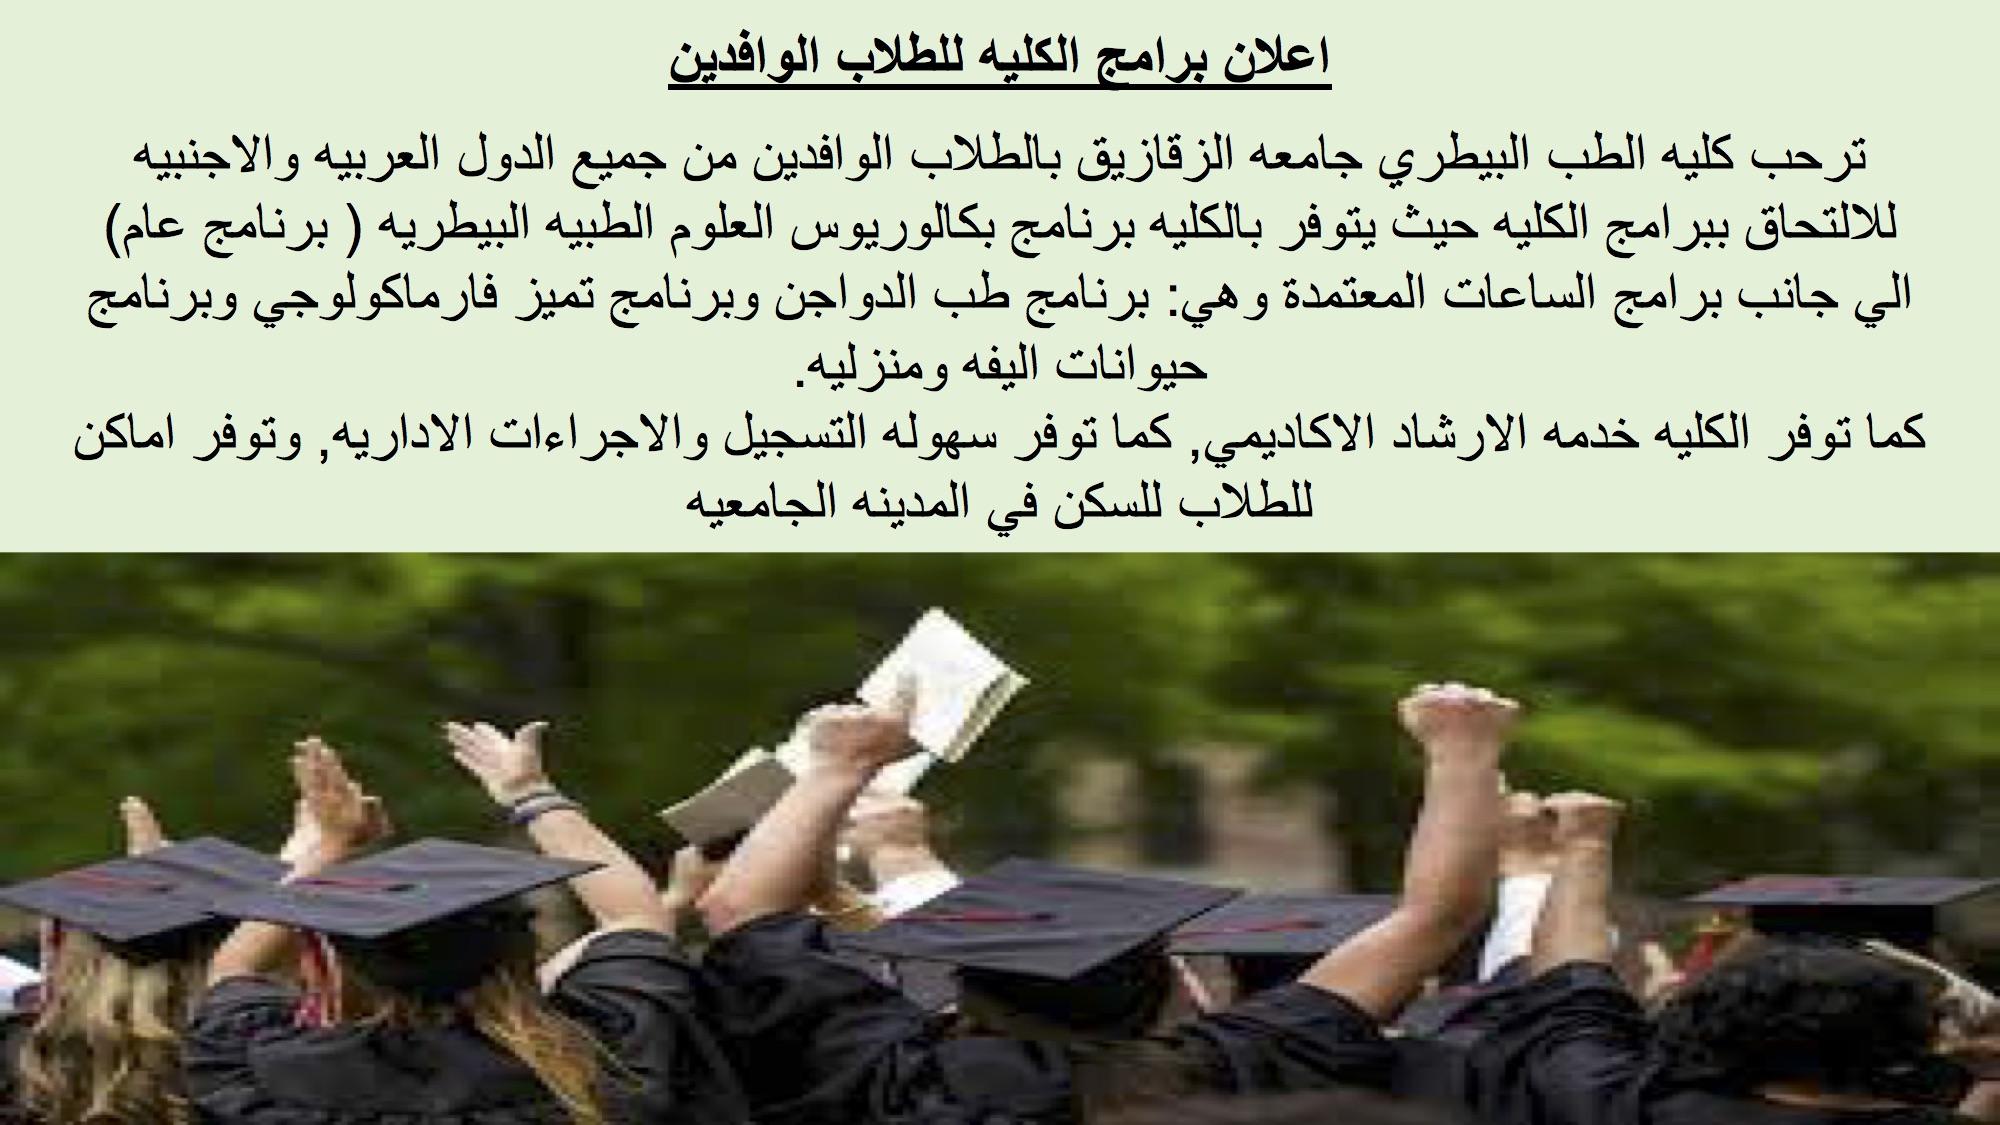 اعلان برامج الكلية للطلاب الوافدين